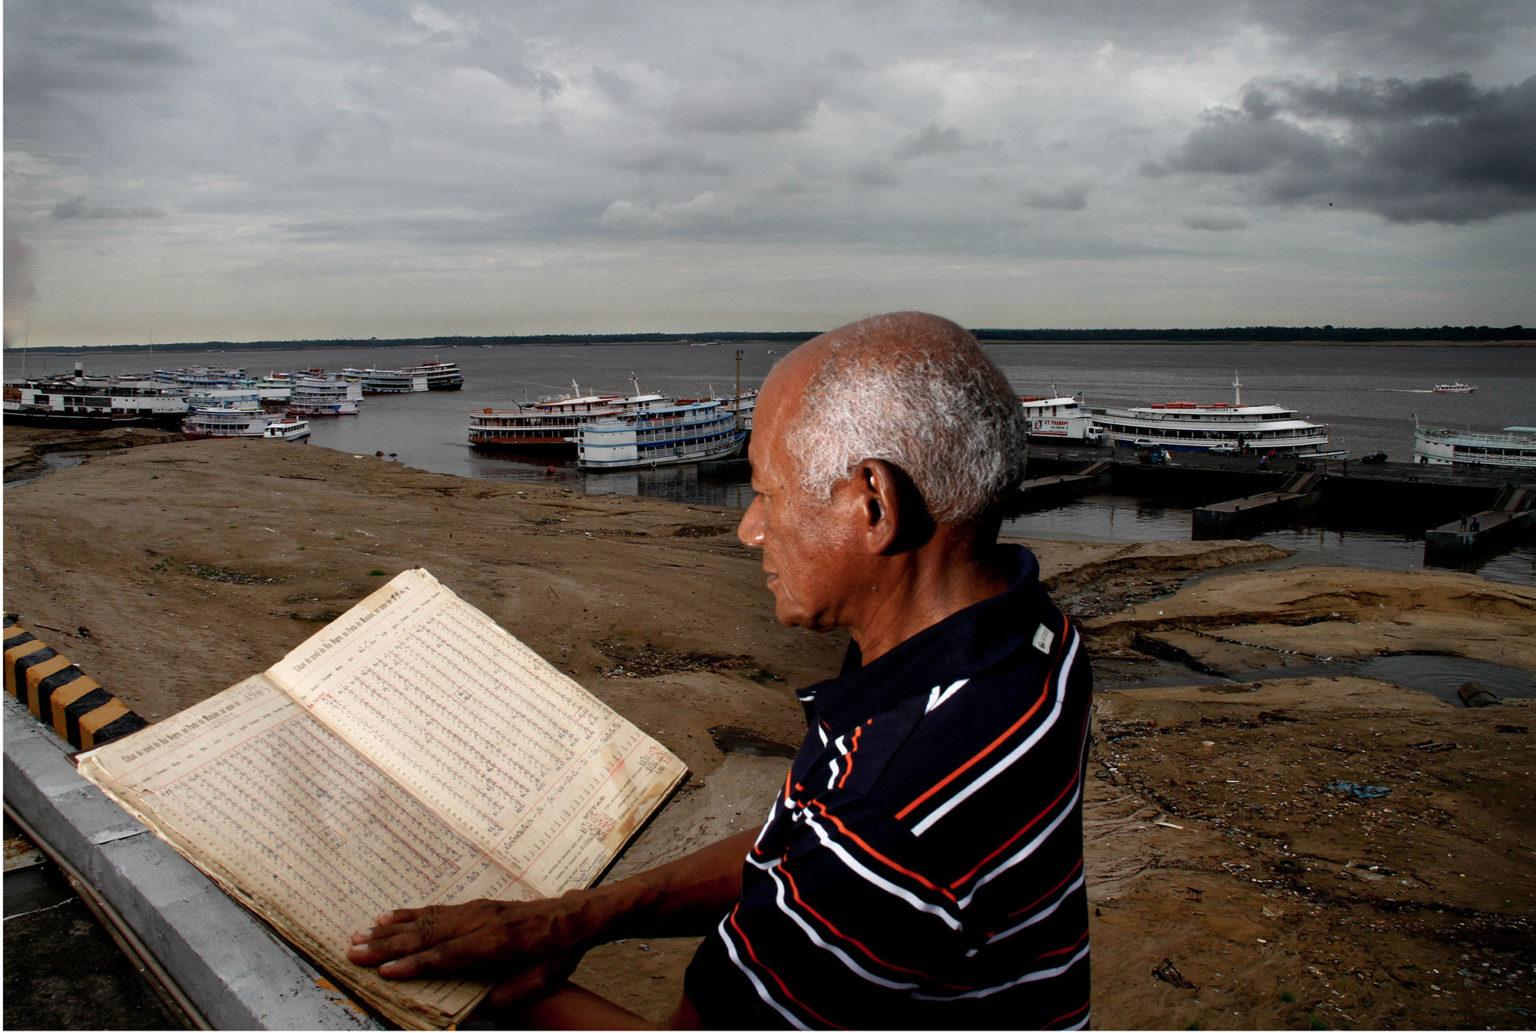 Valderino Pereira, em foto de antes da pandemia no período da seca, mostra o livro de registro diário da medição do rio Negro (Foto: Alberto César Araújo/Amazônia Real)